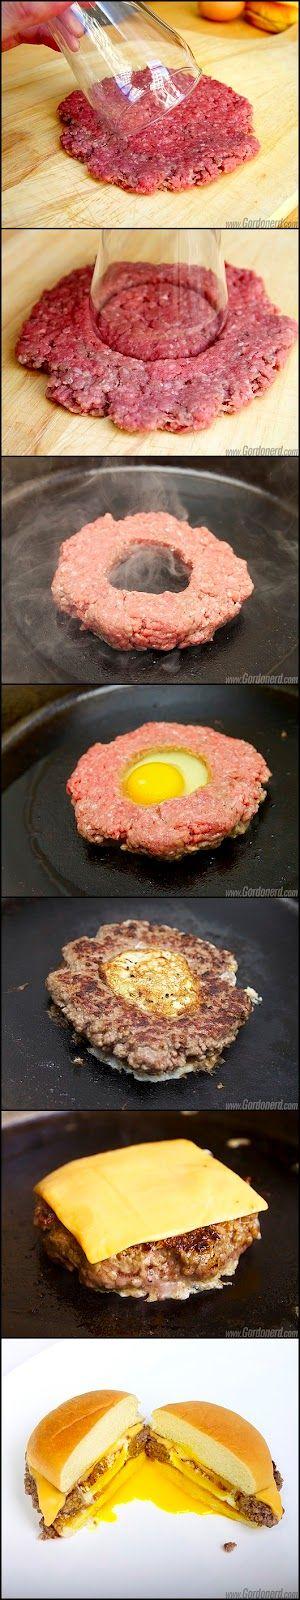 Nos ha gustado mucho esta idea para hacer una hamburguesa con huevo. Como ves se trata de hacer un agujero en la hamburguesa antes de cocinarla y echarle un huevo a la hora de pasarla por la sartén. De esta manera el huevo no esponja tanto el pan y queda todo más compacto.